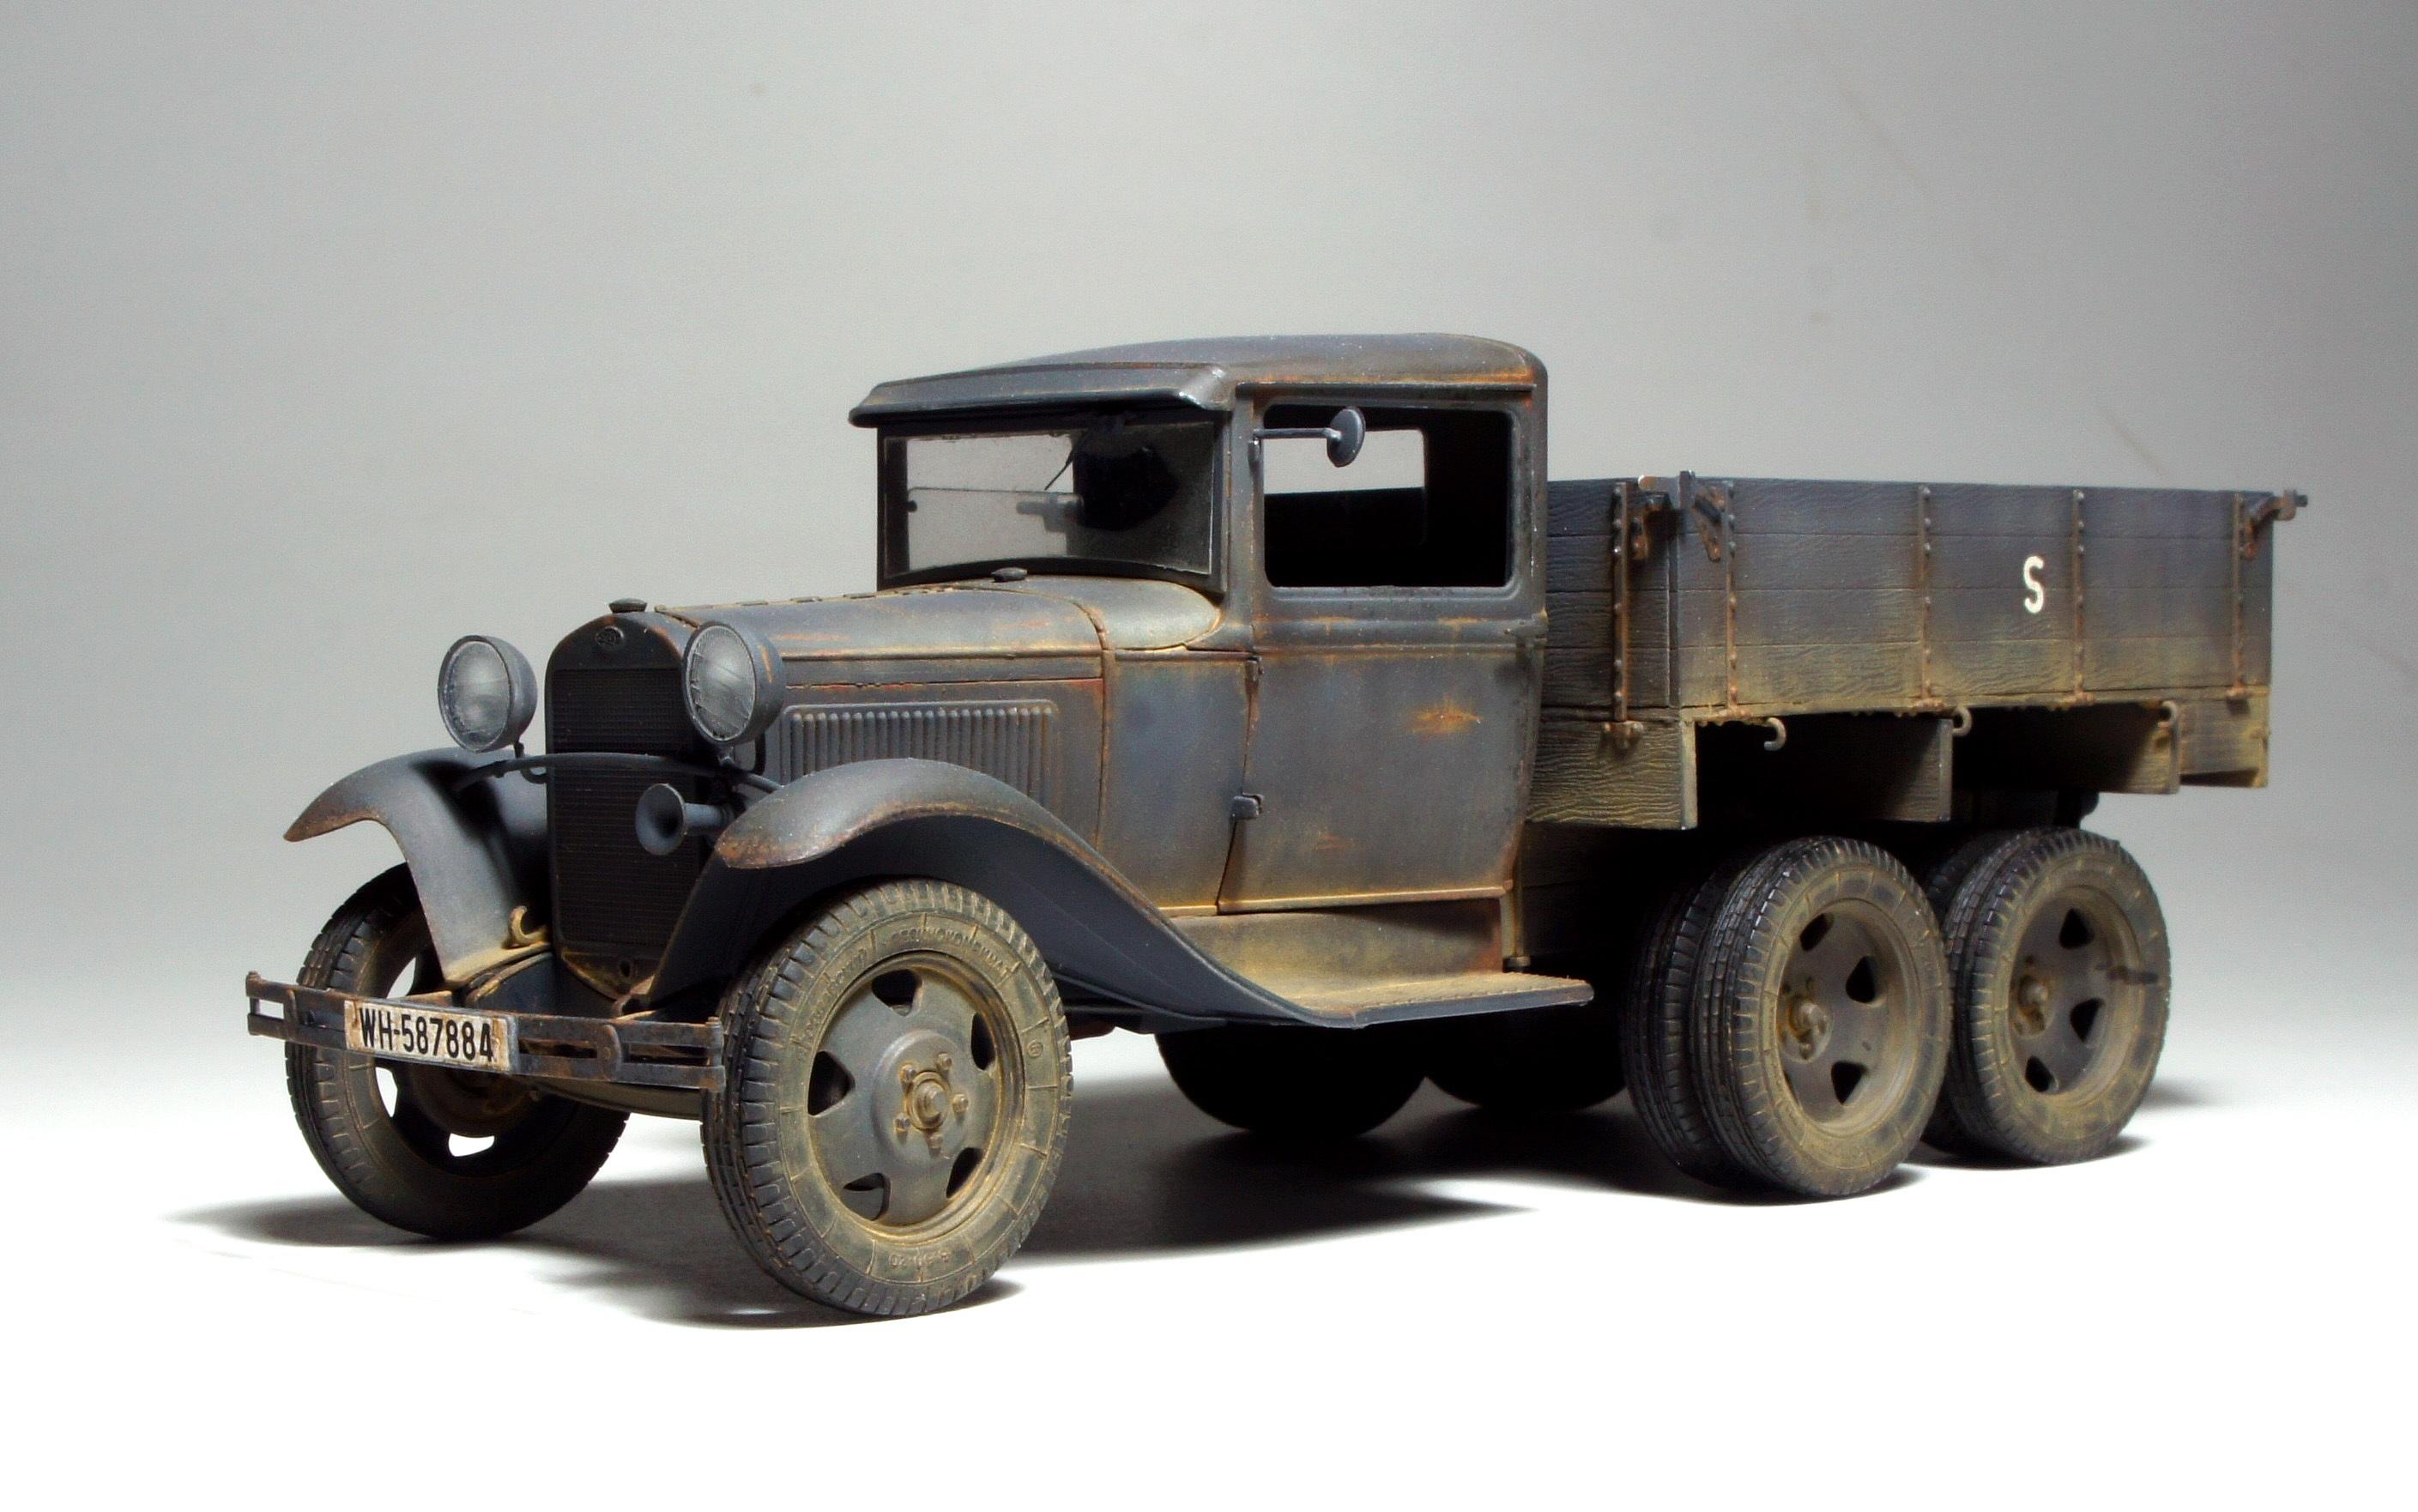 Free Images : retro, truck, vintage car, world war, model car, land ...